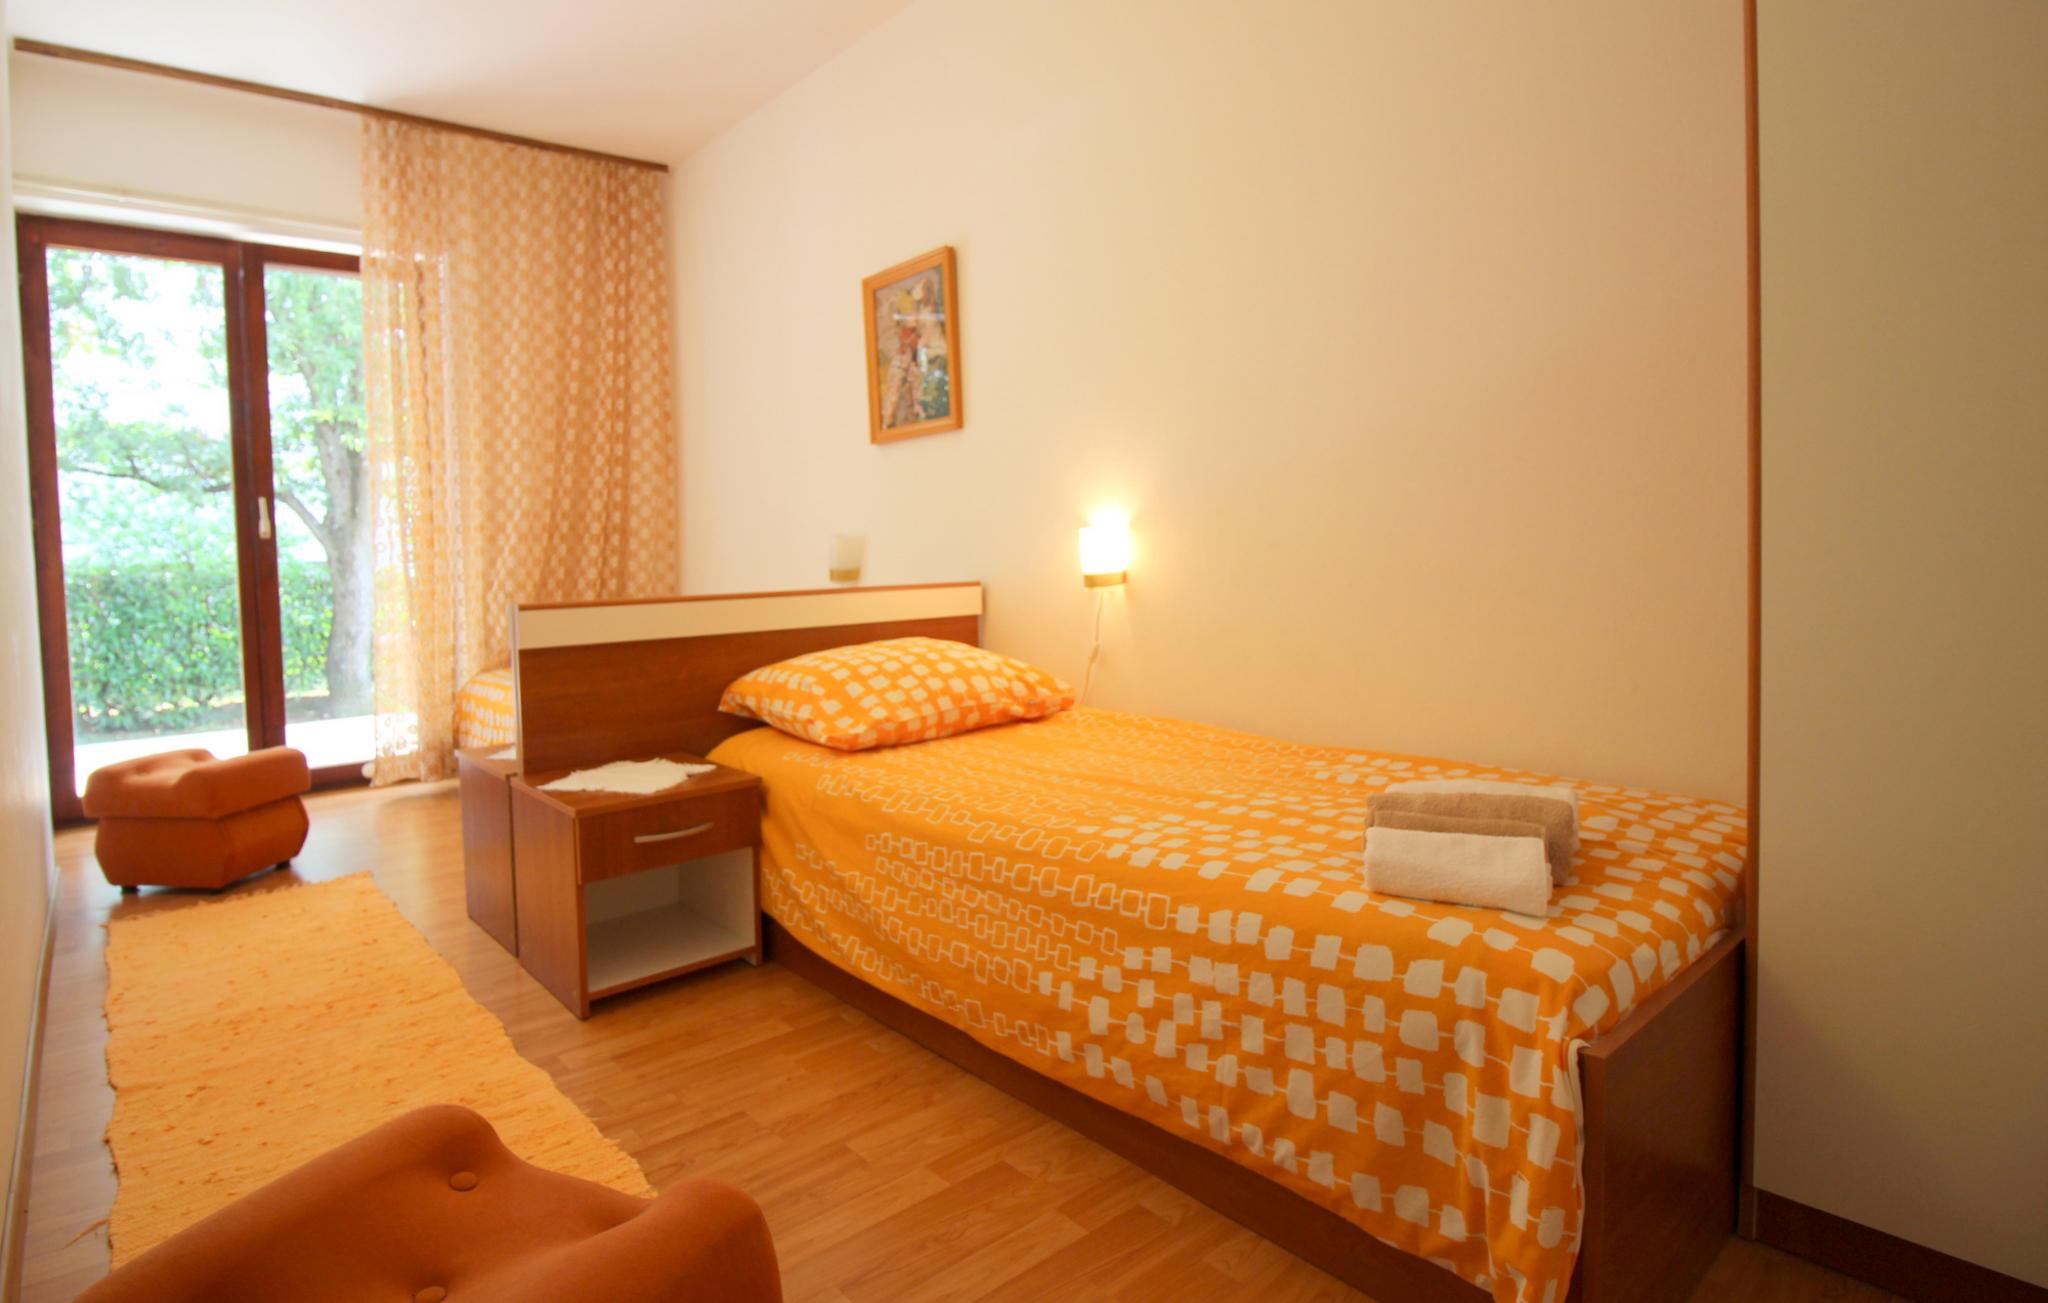 Ferienwohnung in ruhige Lage und 400 m zum Strand (280321), Porec, , Istrien, Kroatien, Bild 17